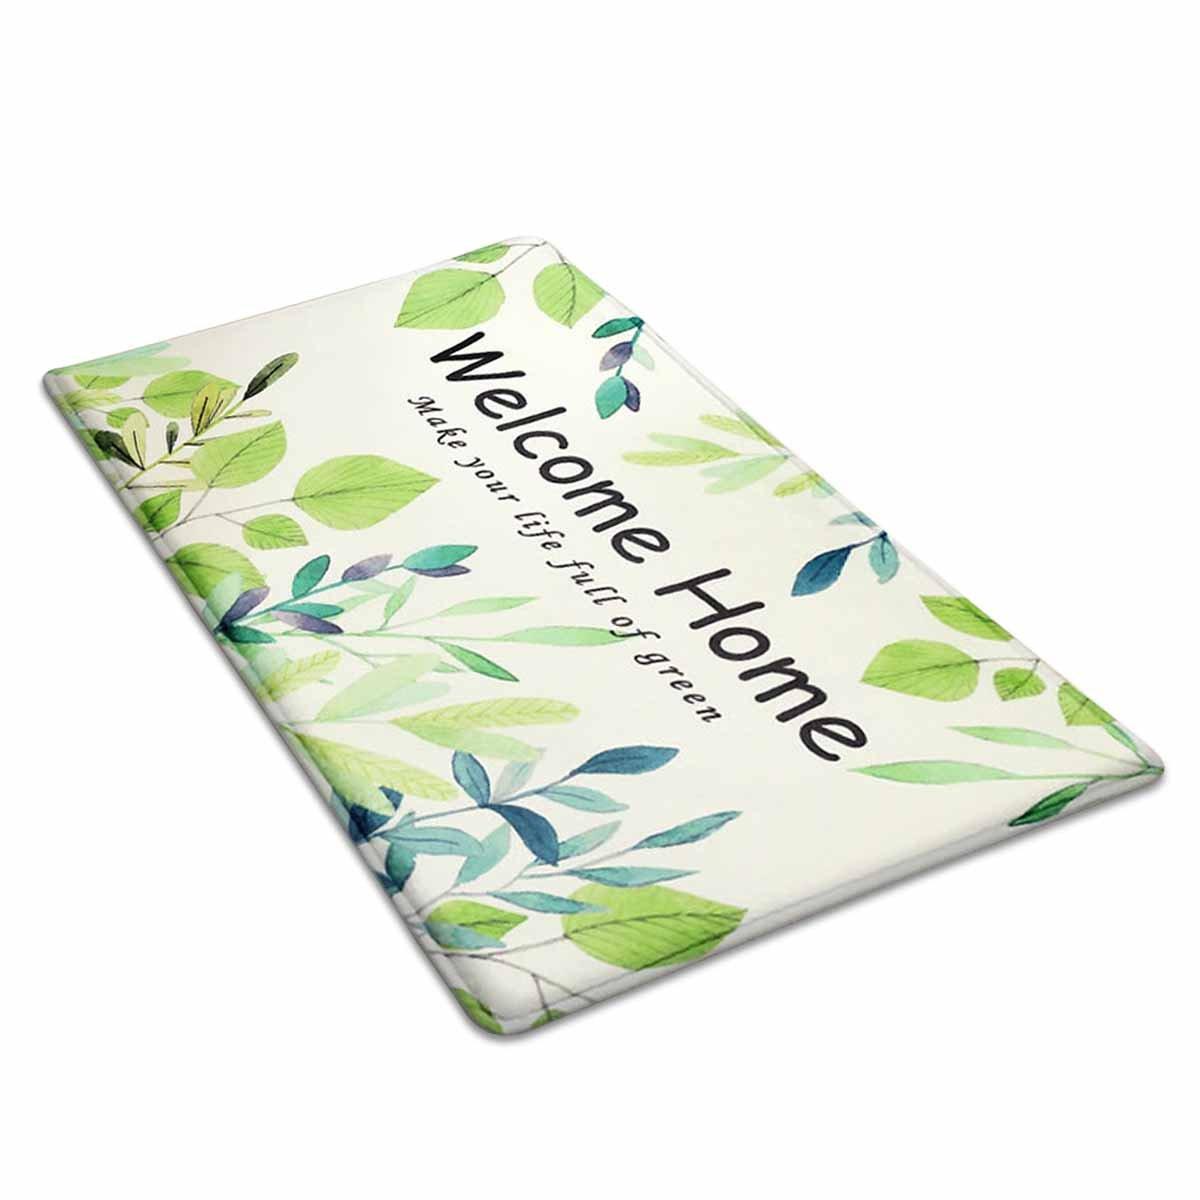 Fashion·LIFE Kitchen Comfort Mat Non-Slip Soft Kitchen Mat Bath Rug Doormat Kitchen Mat Anti-Fatigue Chef Mat